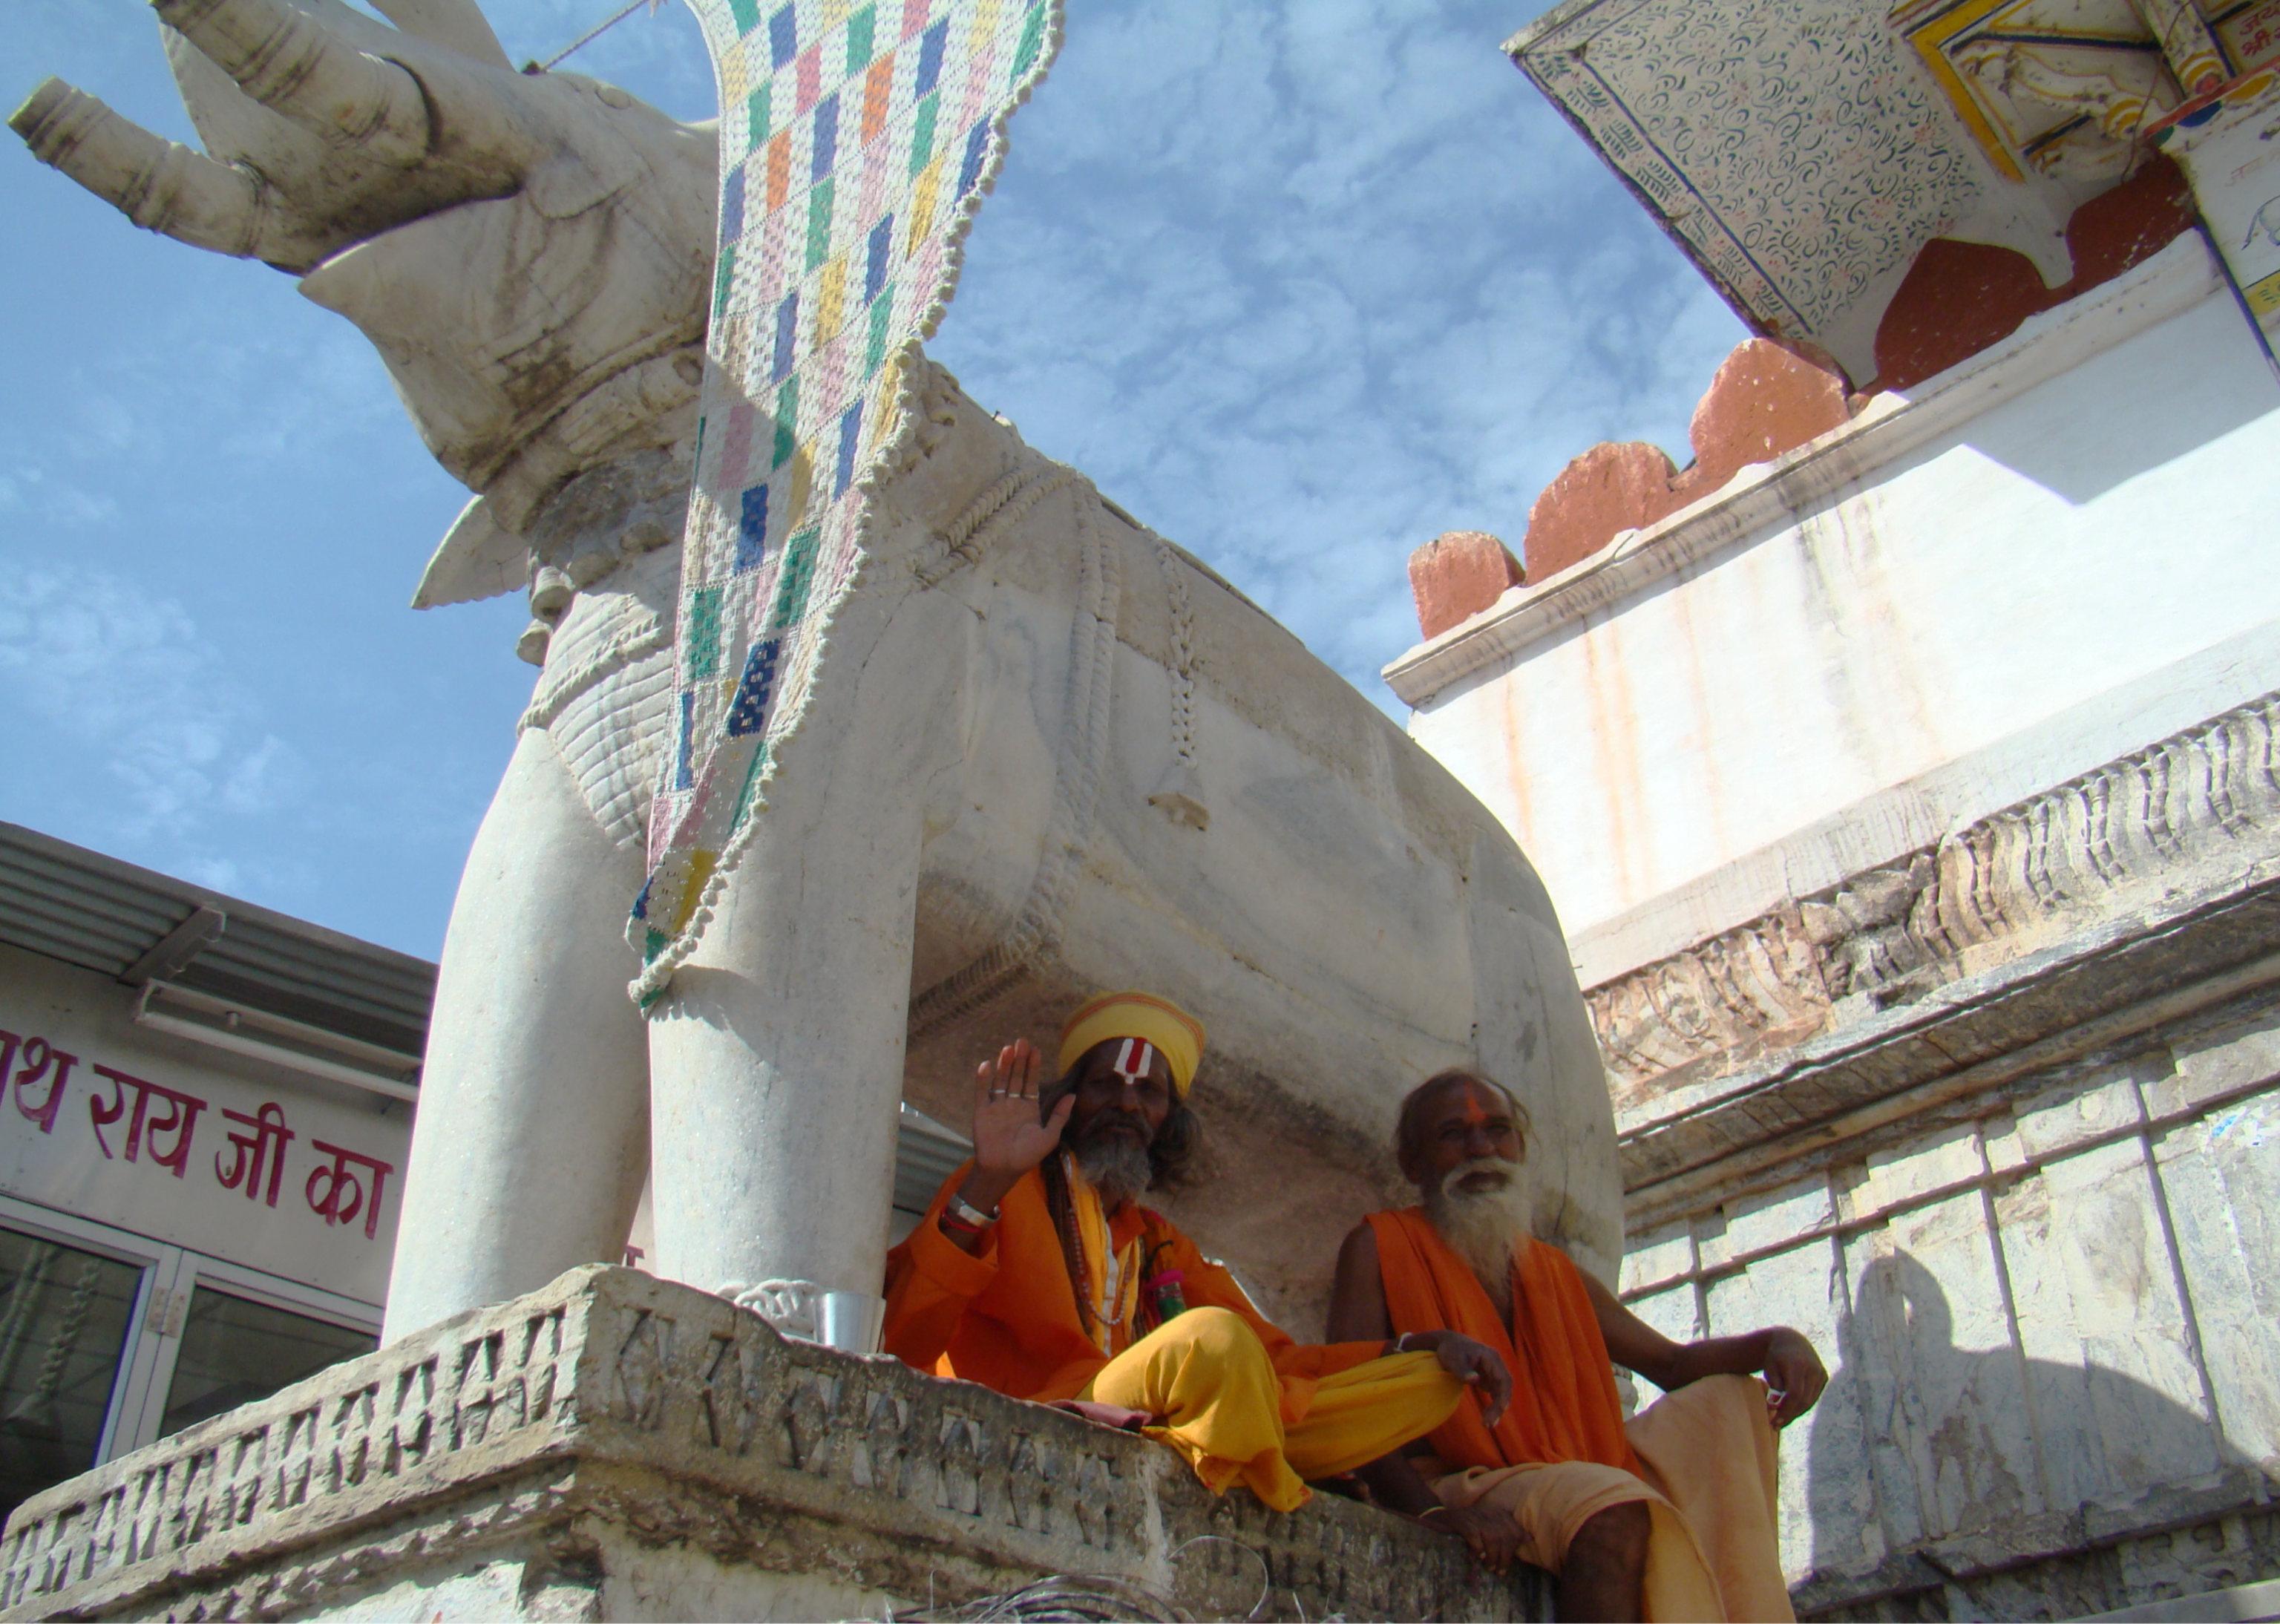 escultura elefante y su gente Udaipur India